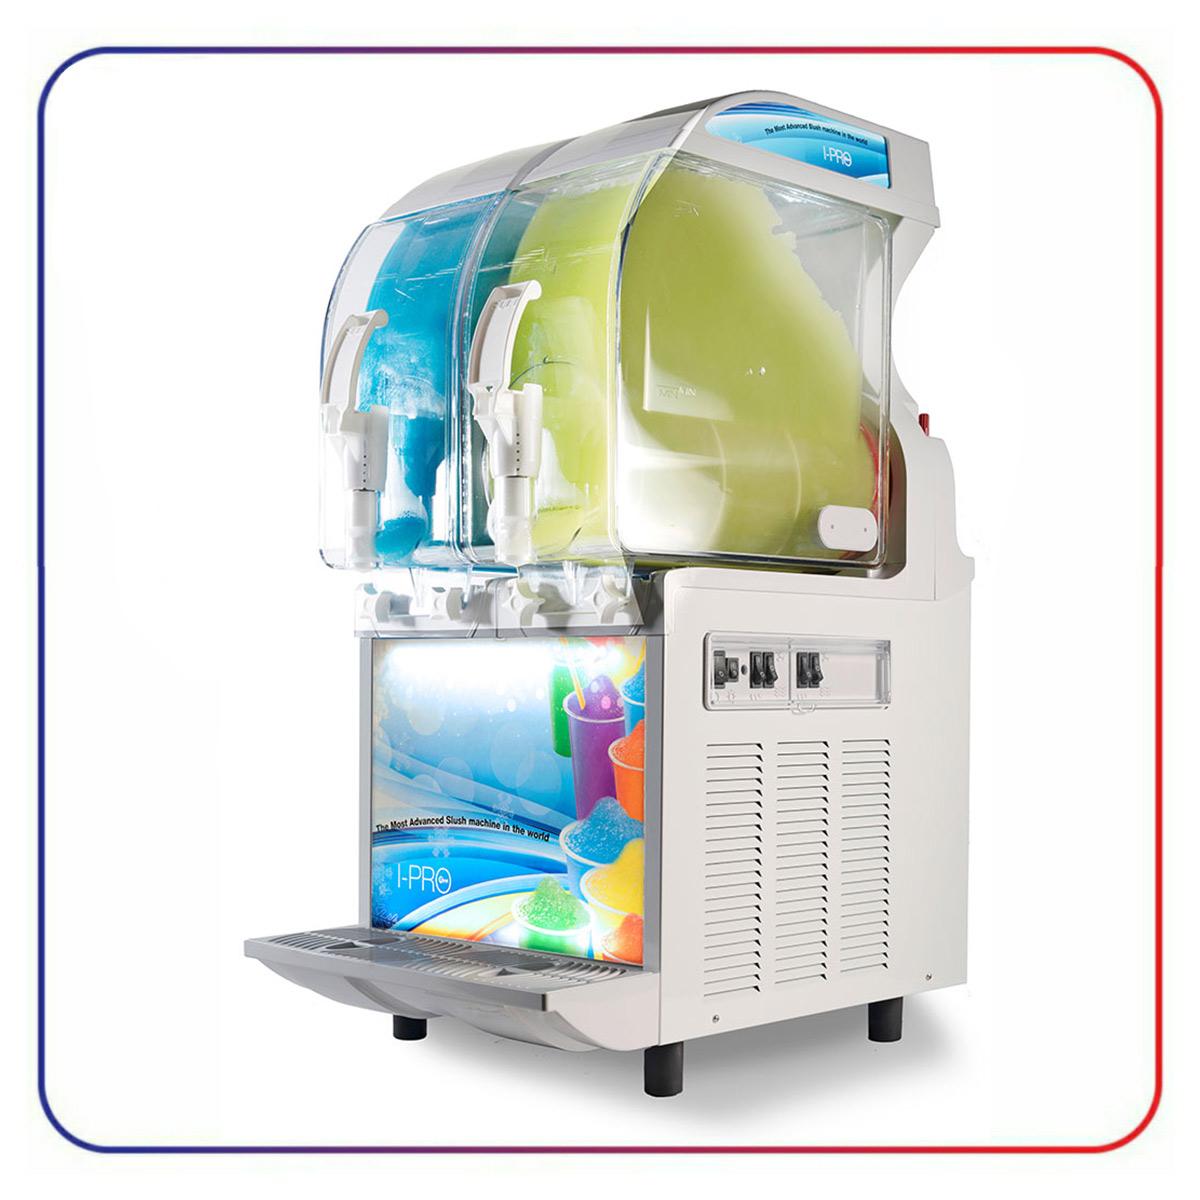 دستگاه یخ در بهشت اس پی ام 2 مخزنه SPM I-PRO 2